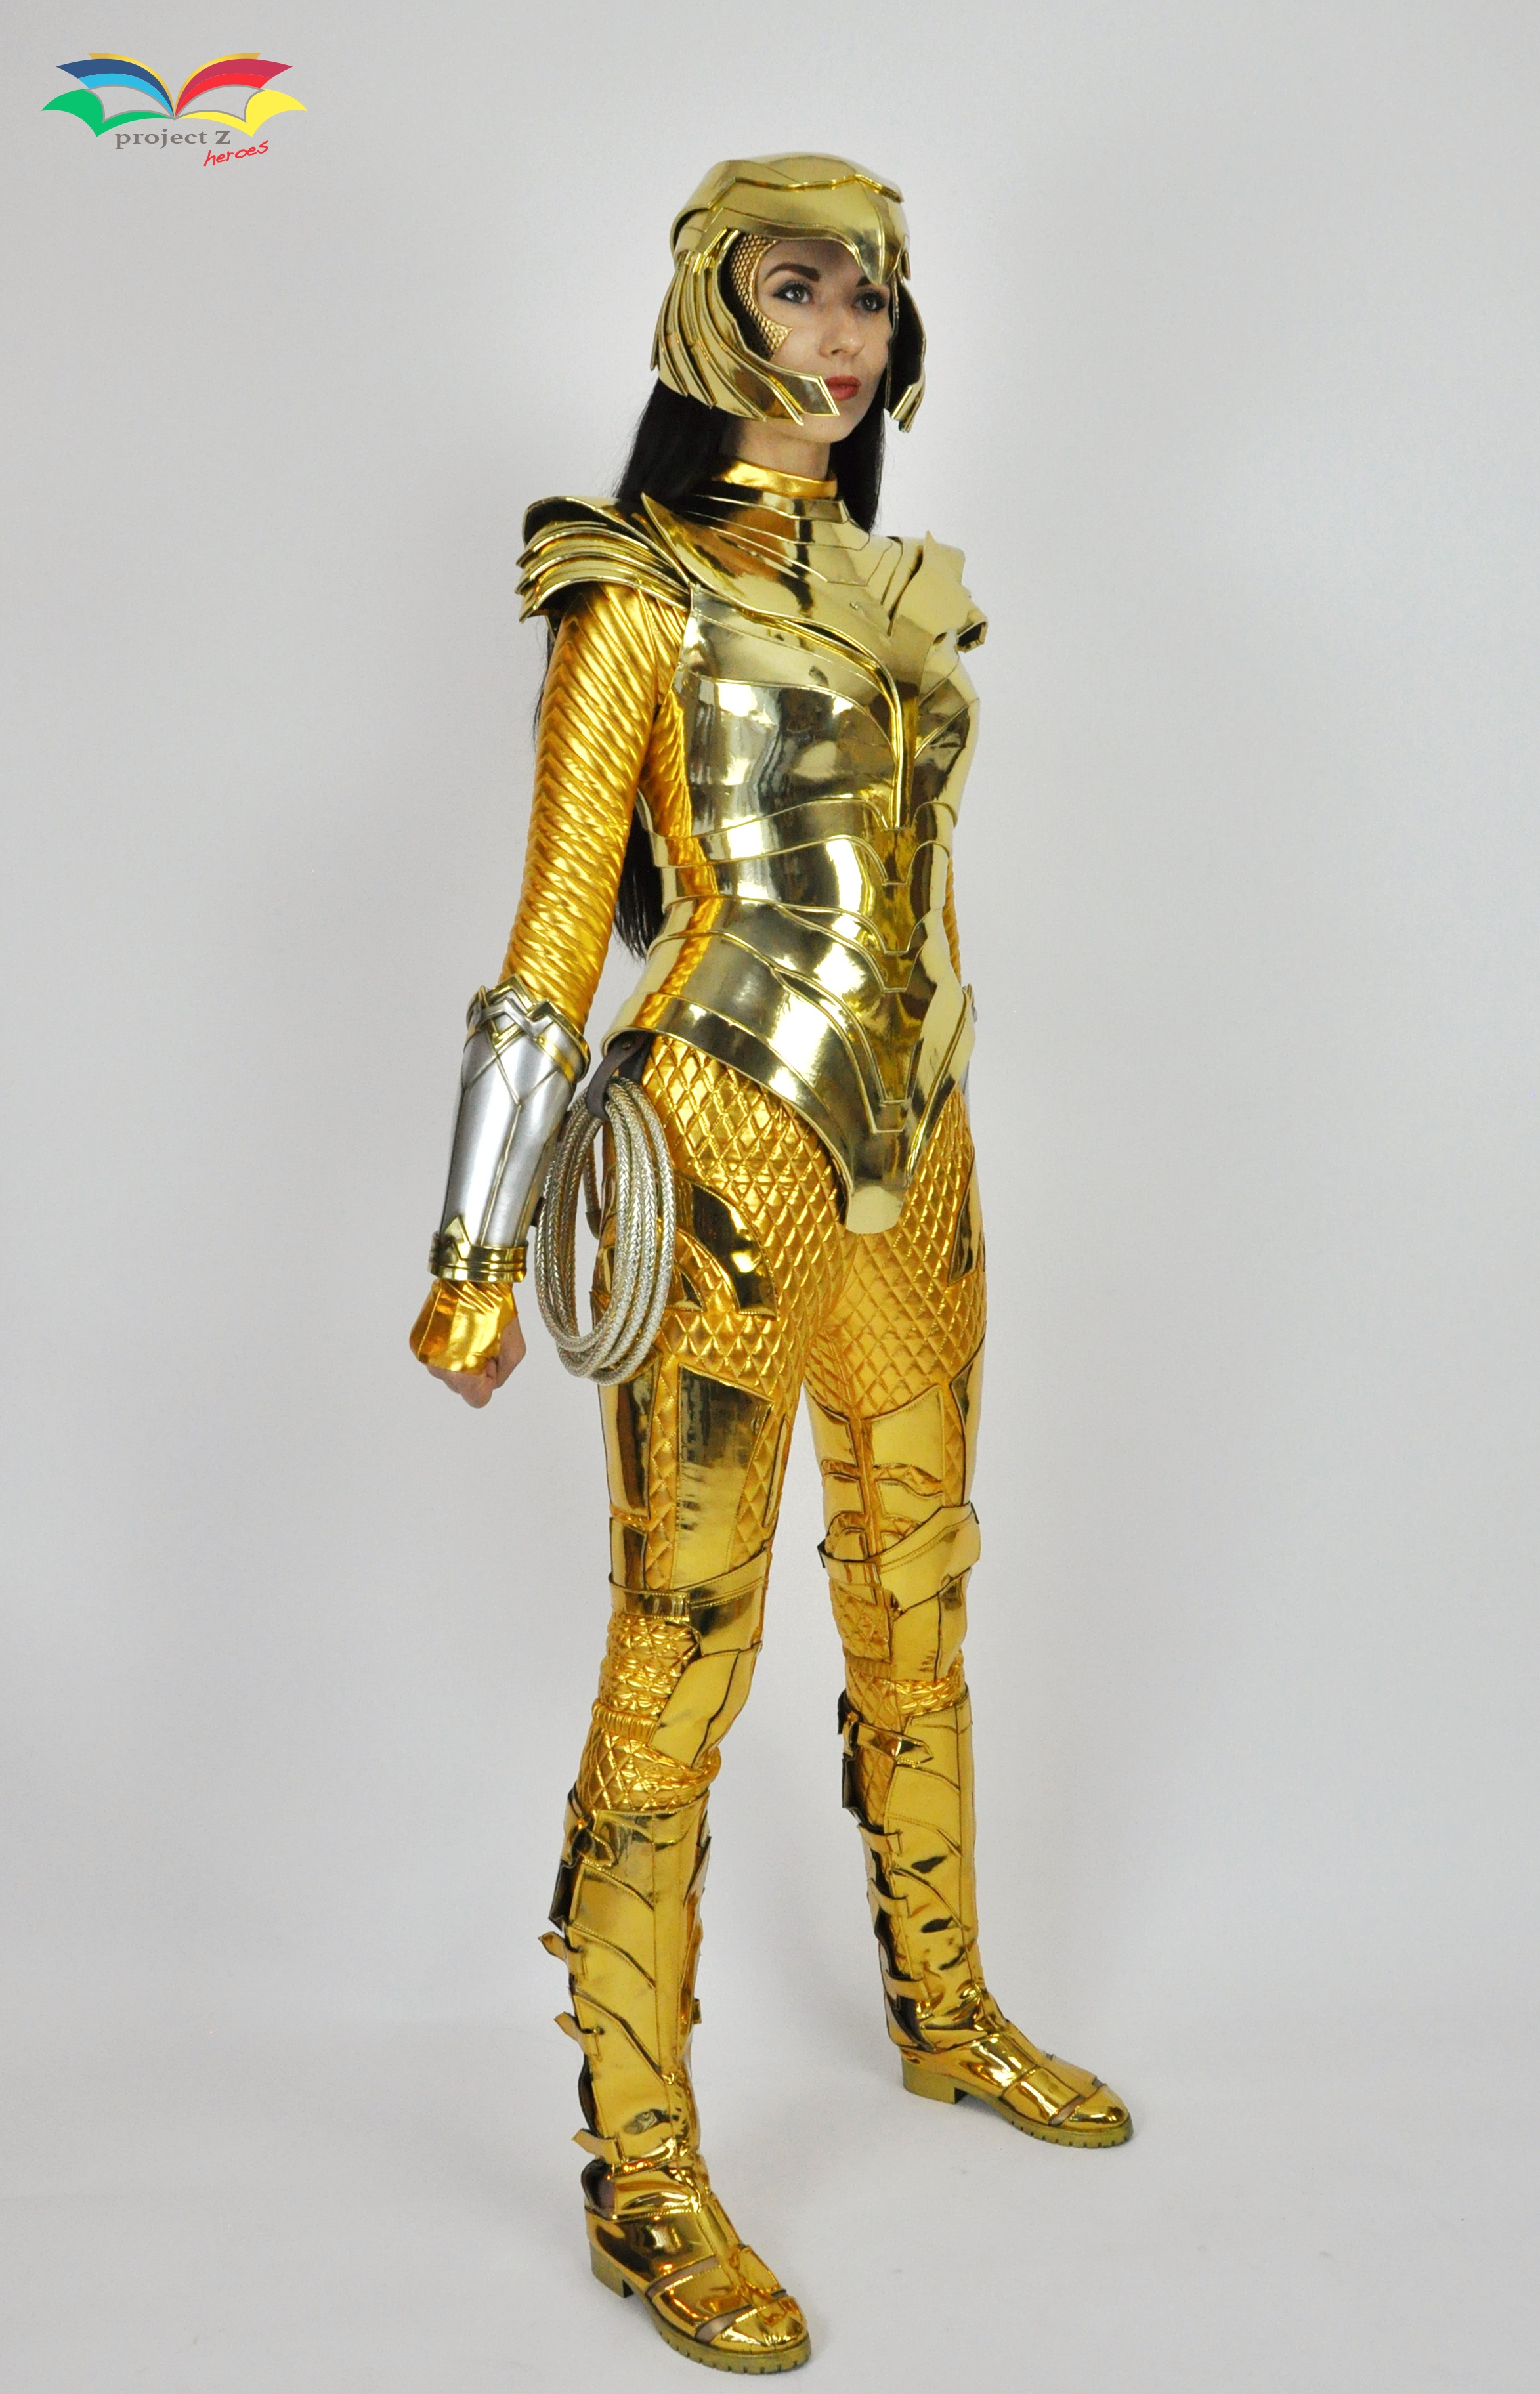 ชุดซุปเปอร์ฮีโร่ ชุด Wonder Woman 1984 S